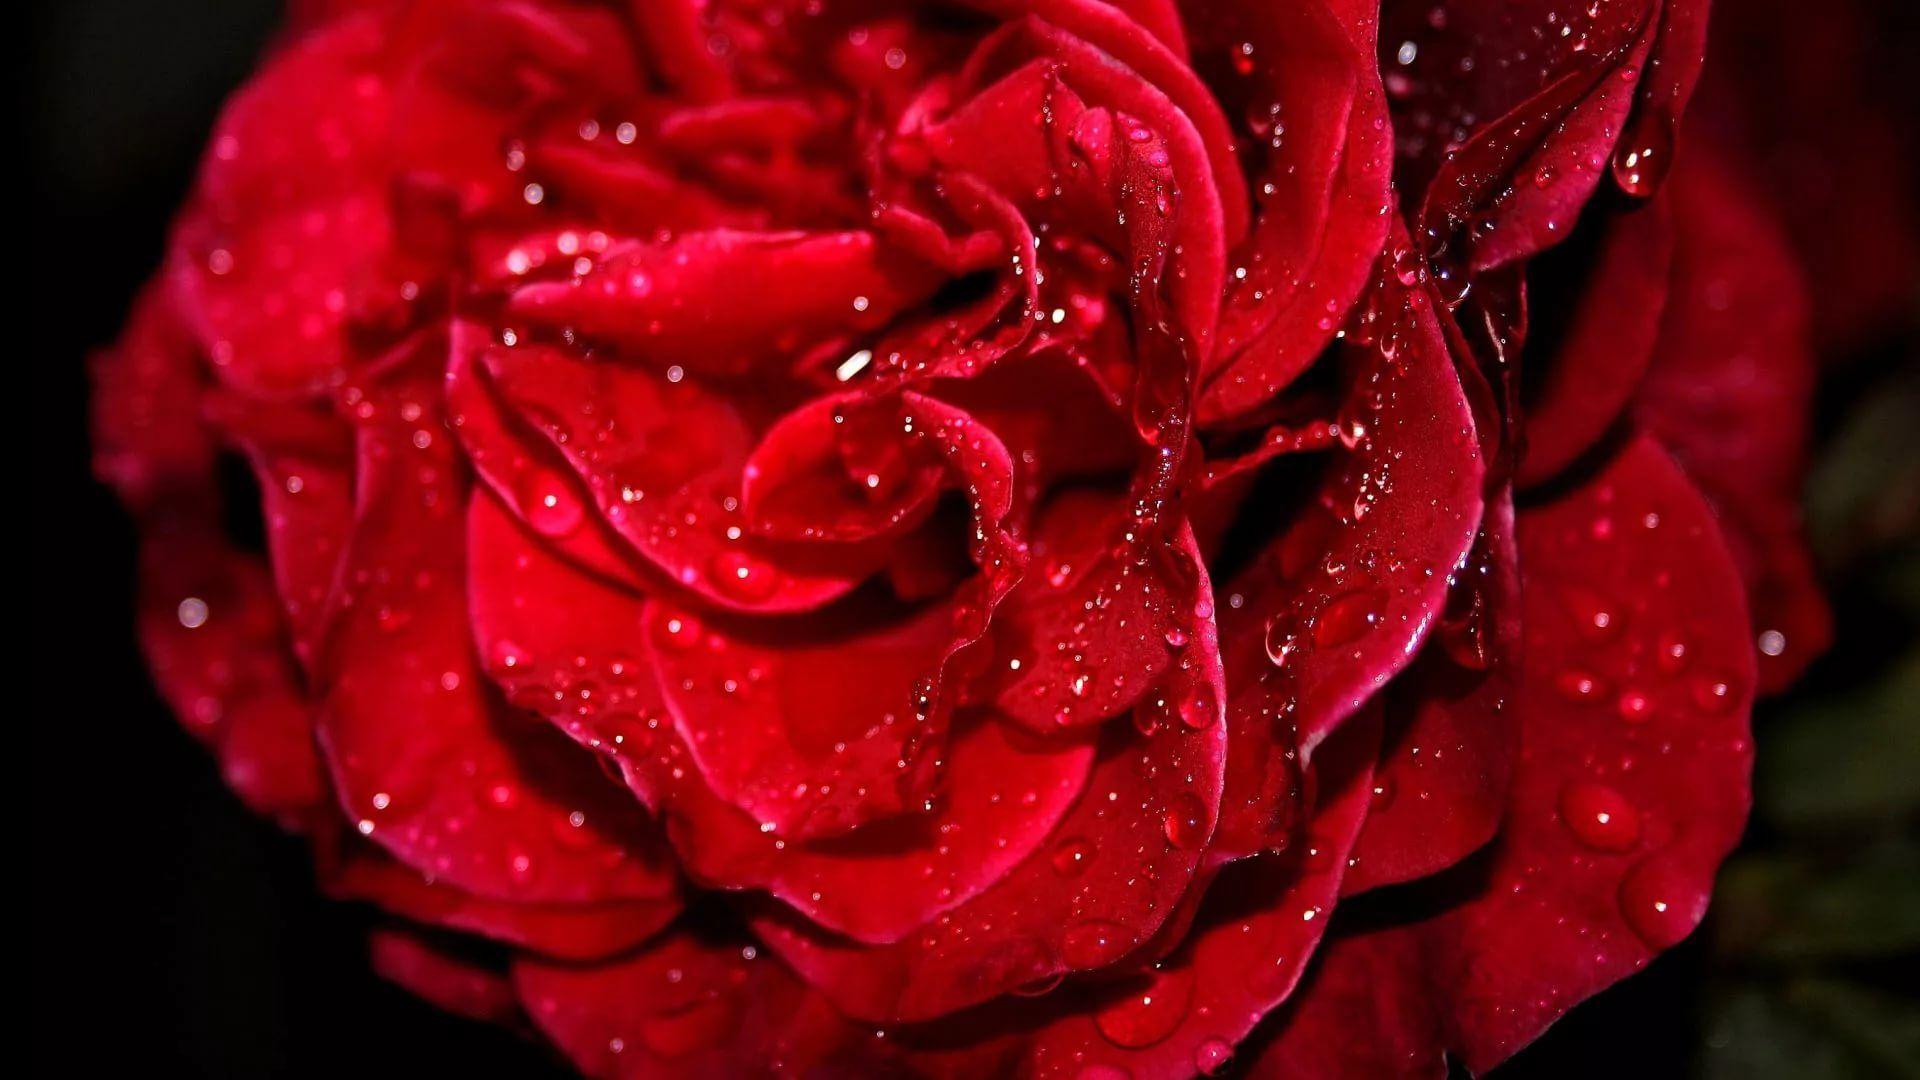 Rose Screensaver HD Wallpaper